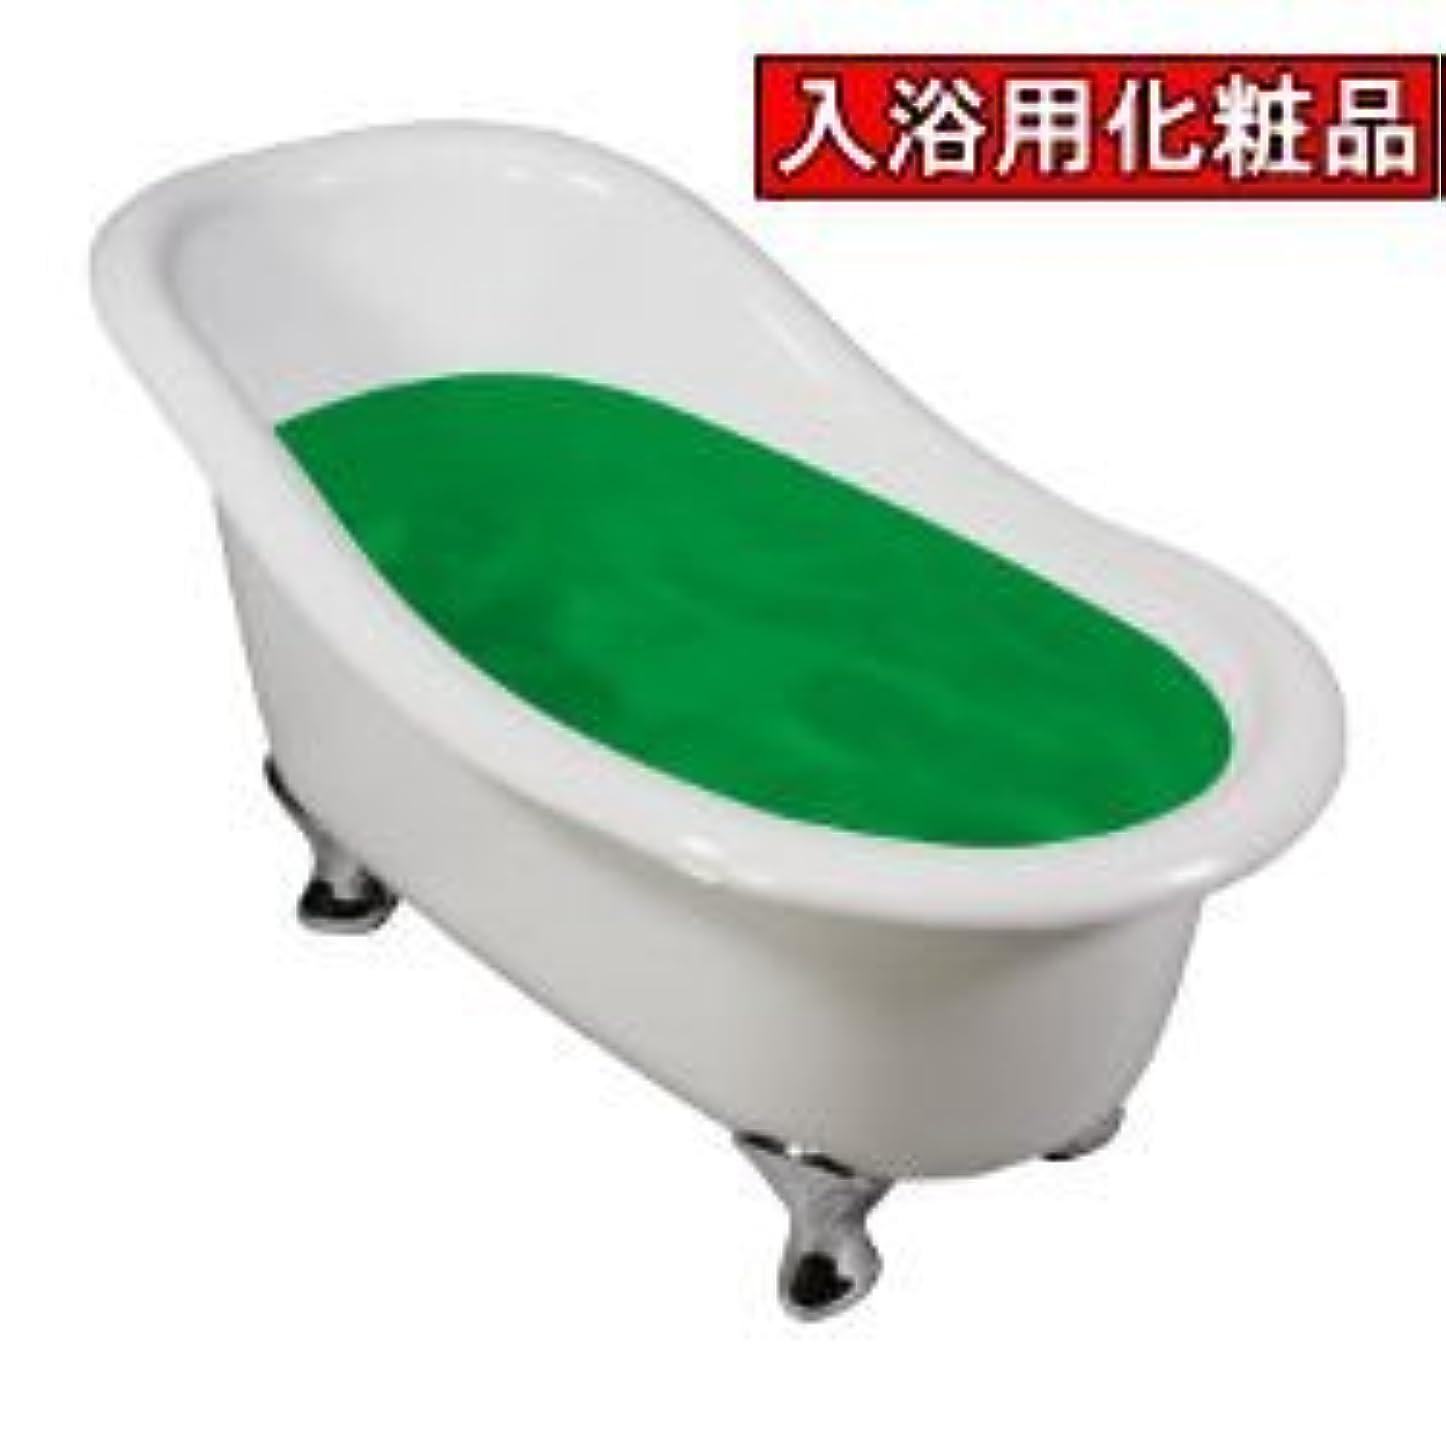 業務用入浴剤イヴタス 緑茶 17kg 業務用サイズ